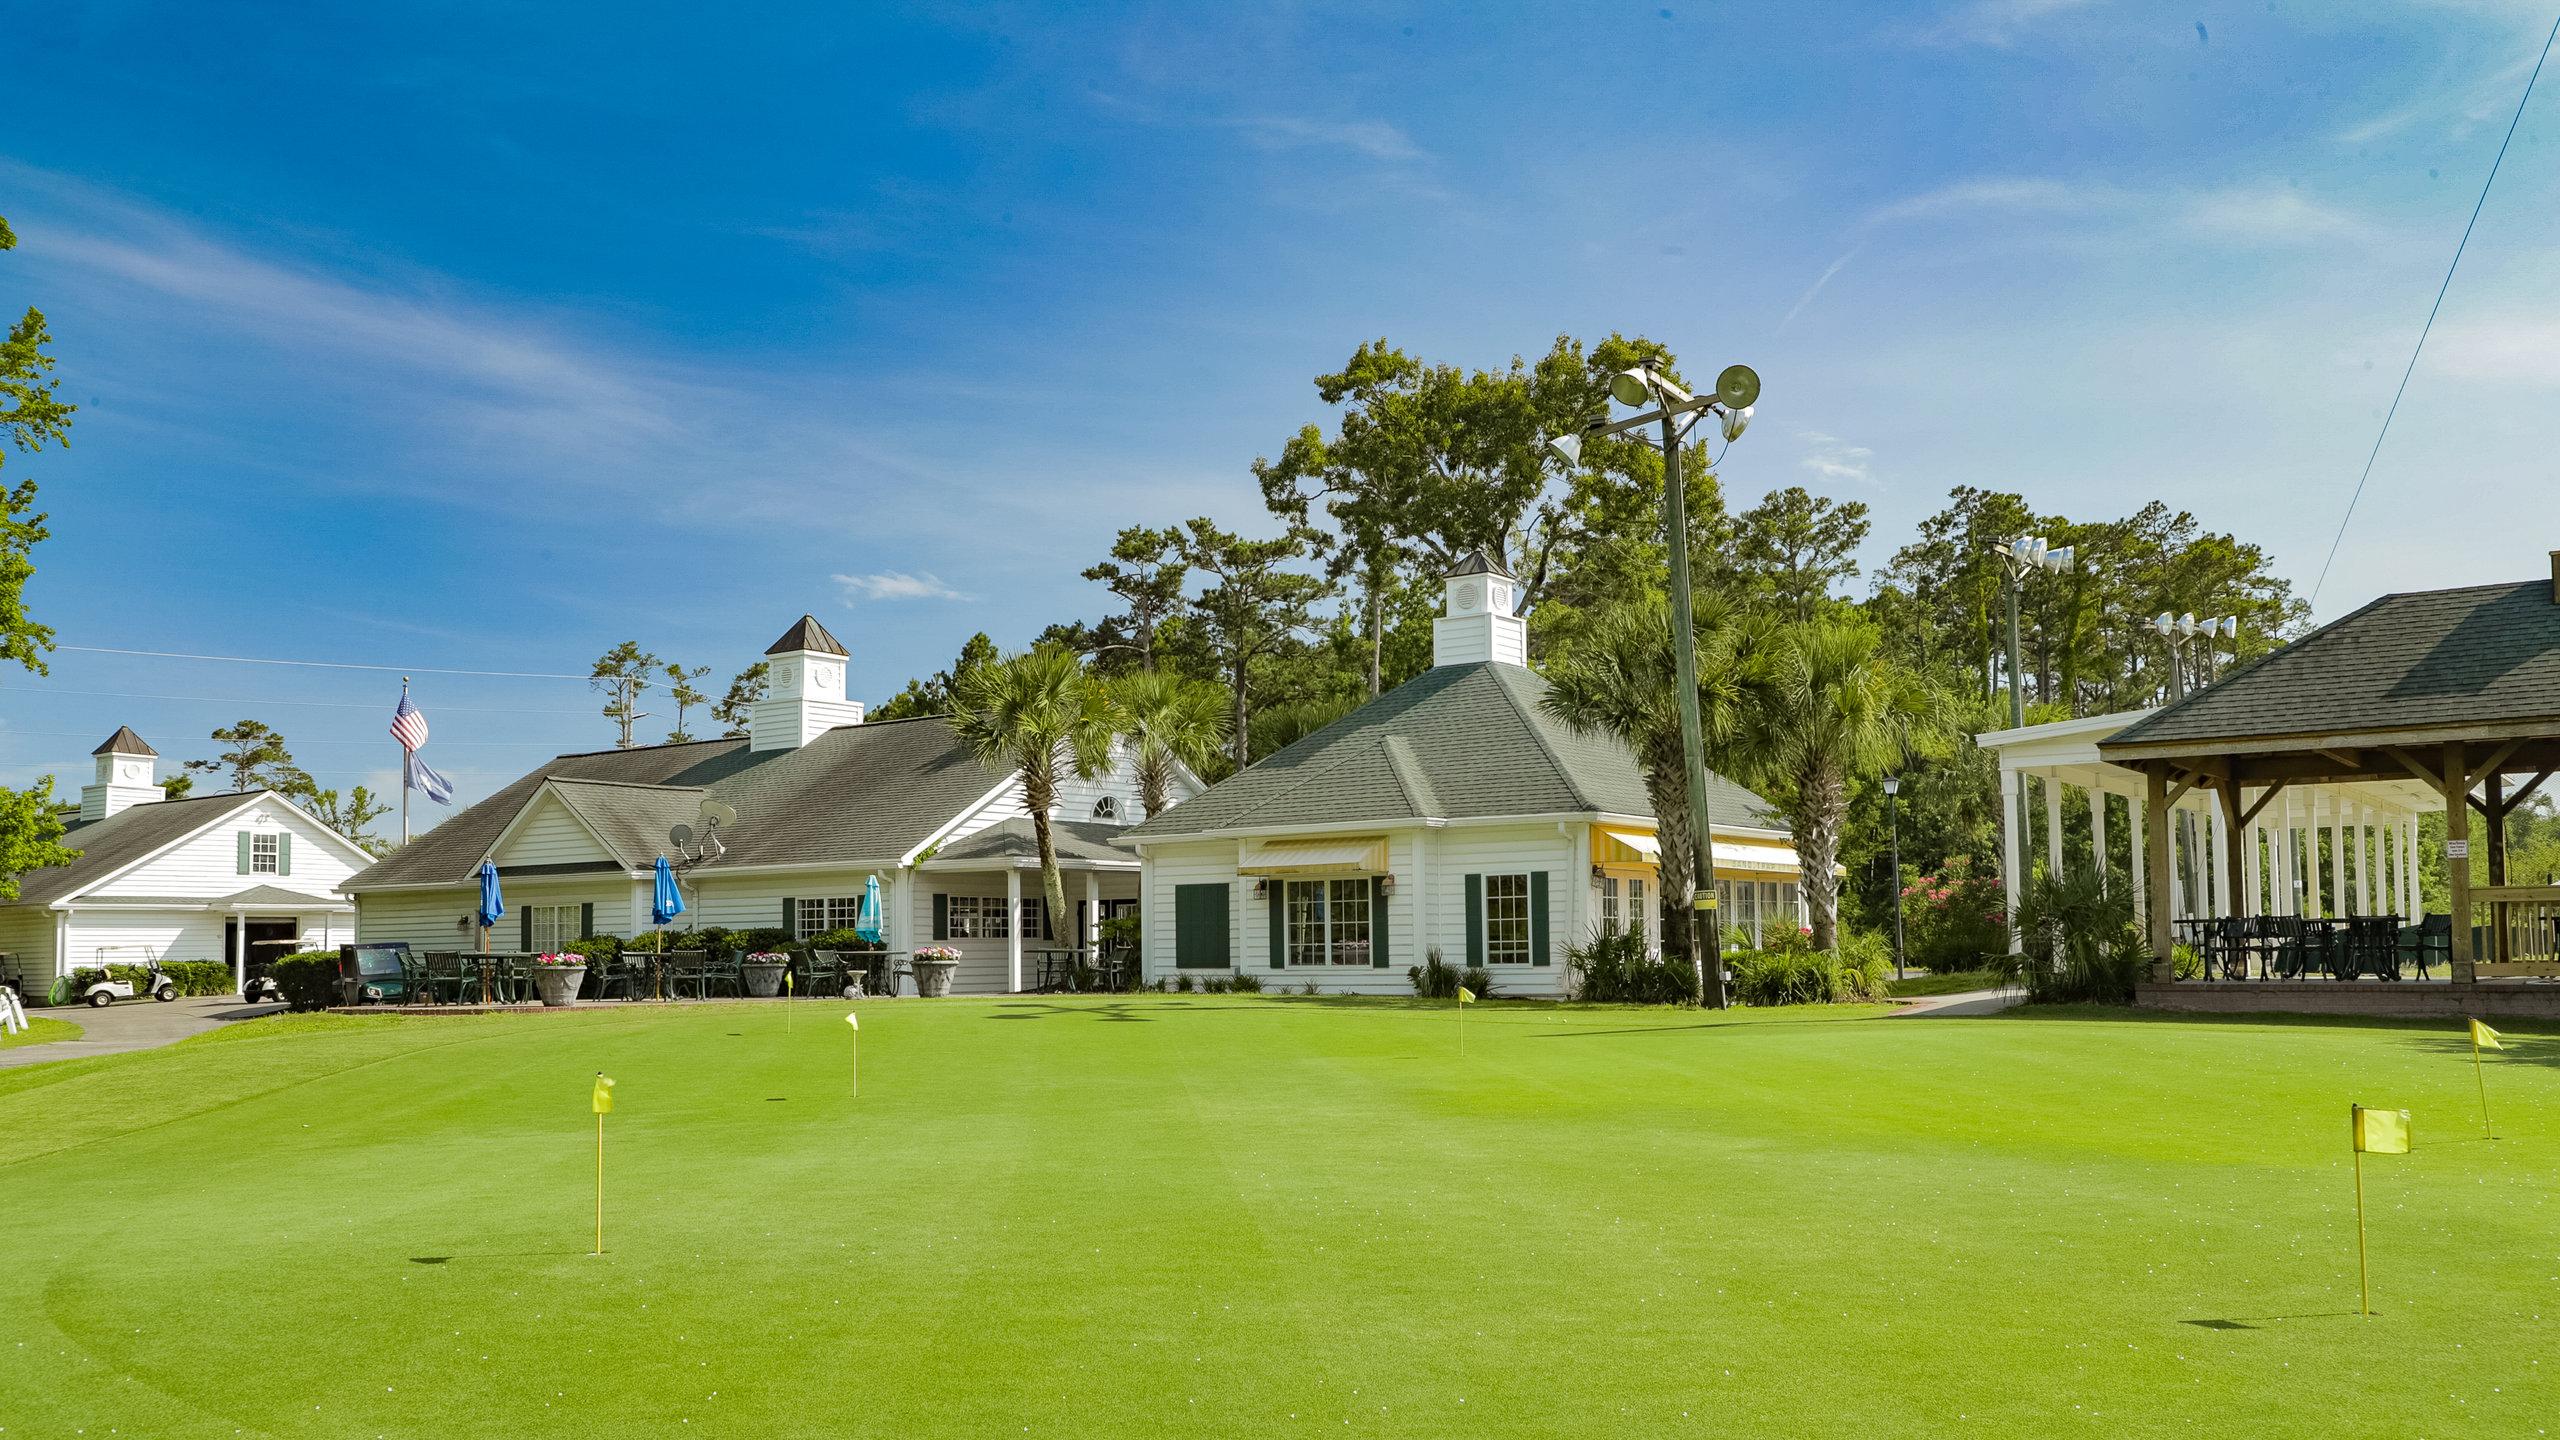 Tupelo Bay Golf Center, Garden City Beach, South Carolina, United States of America